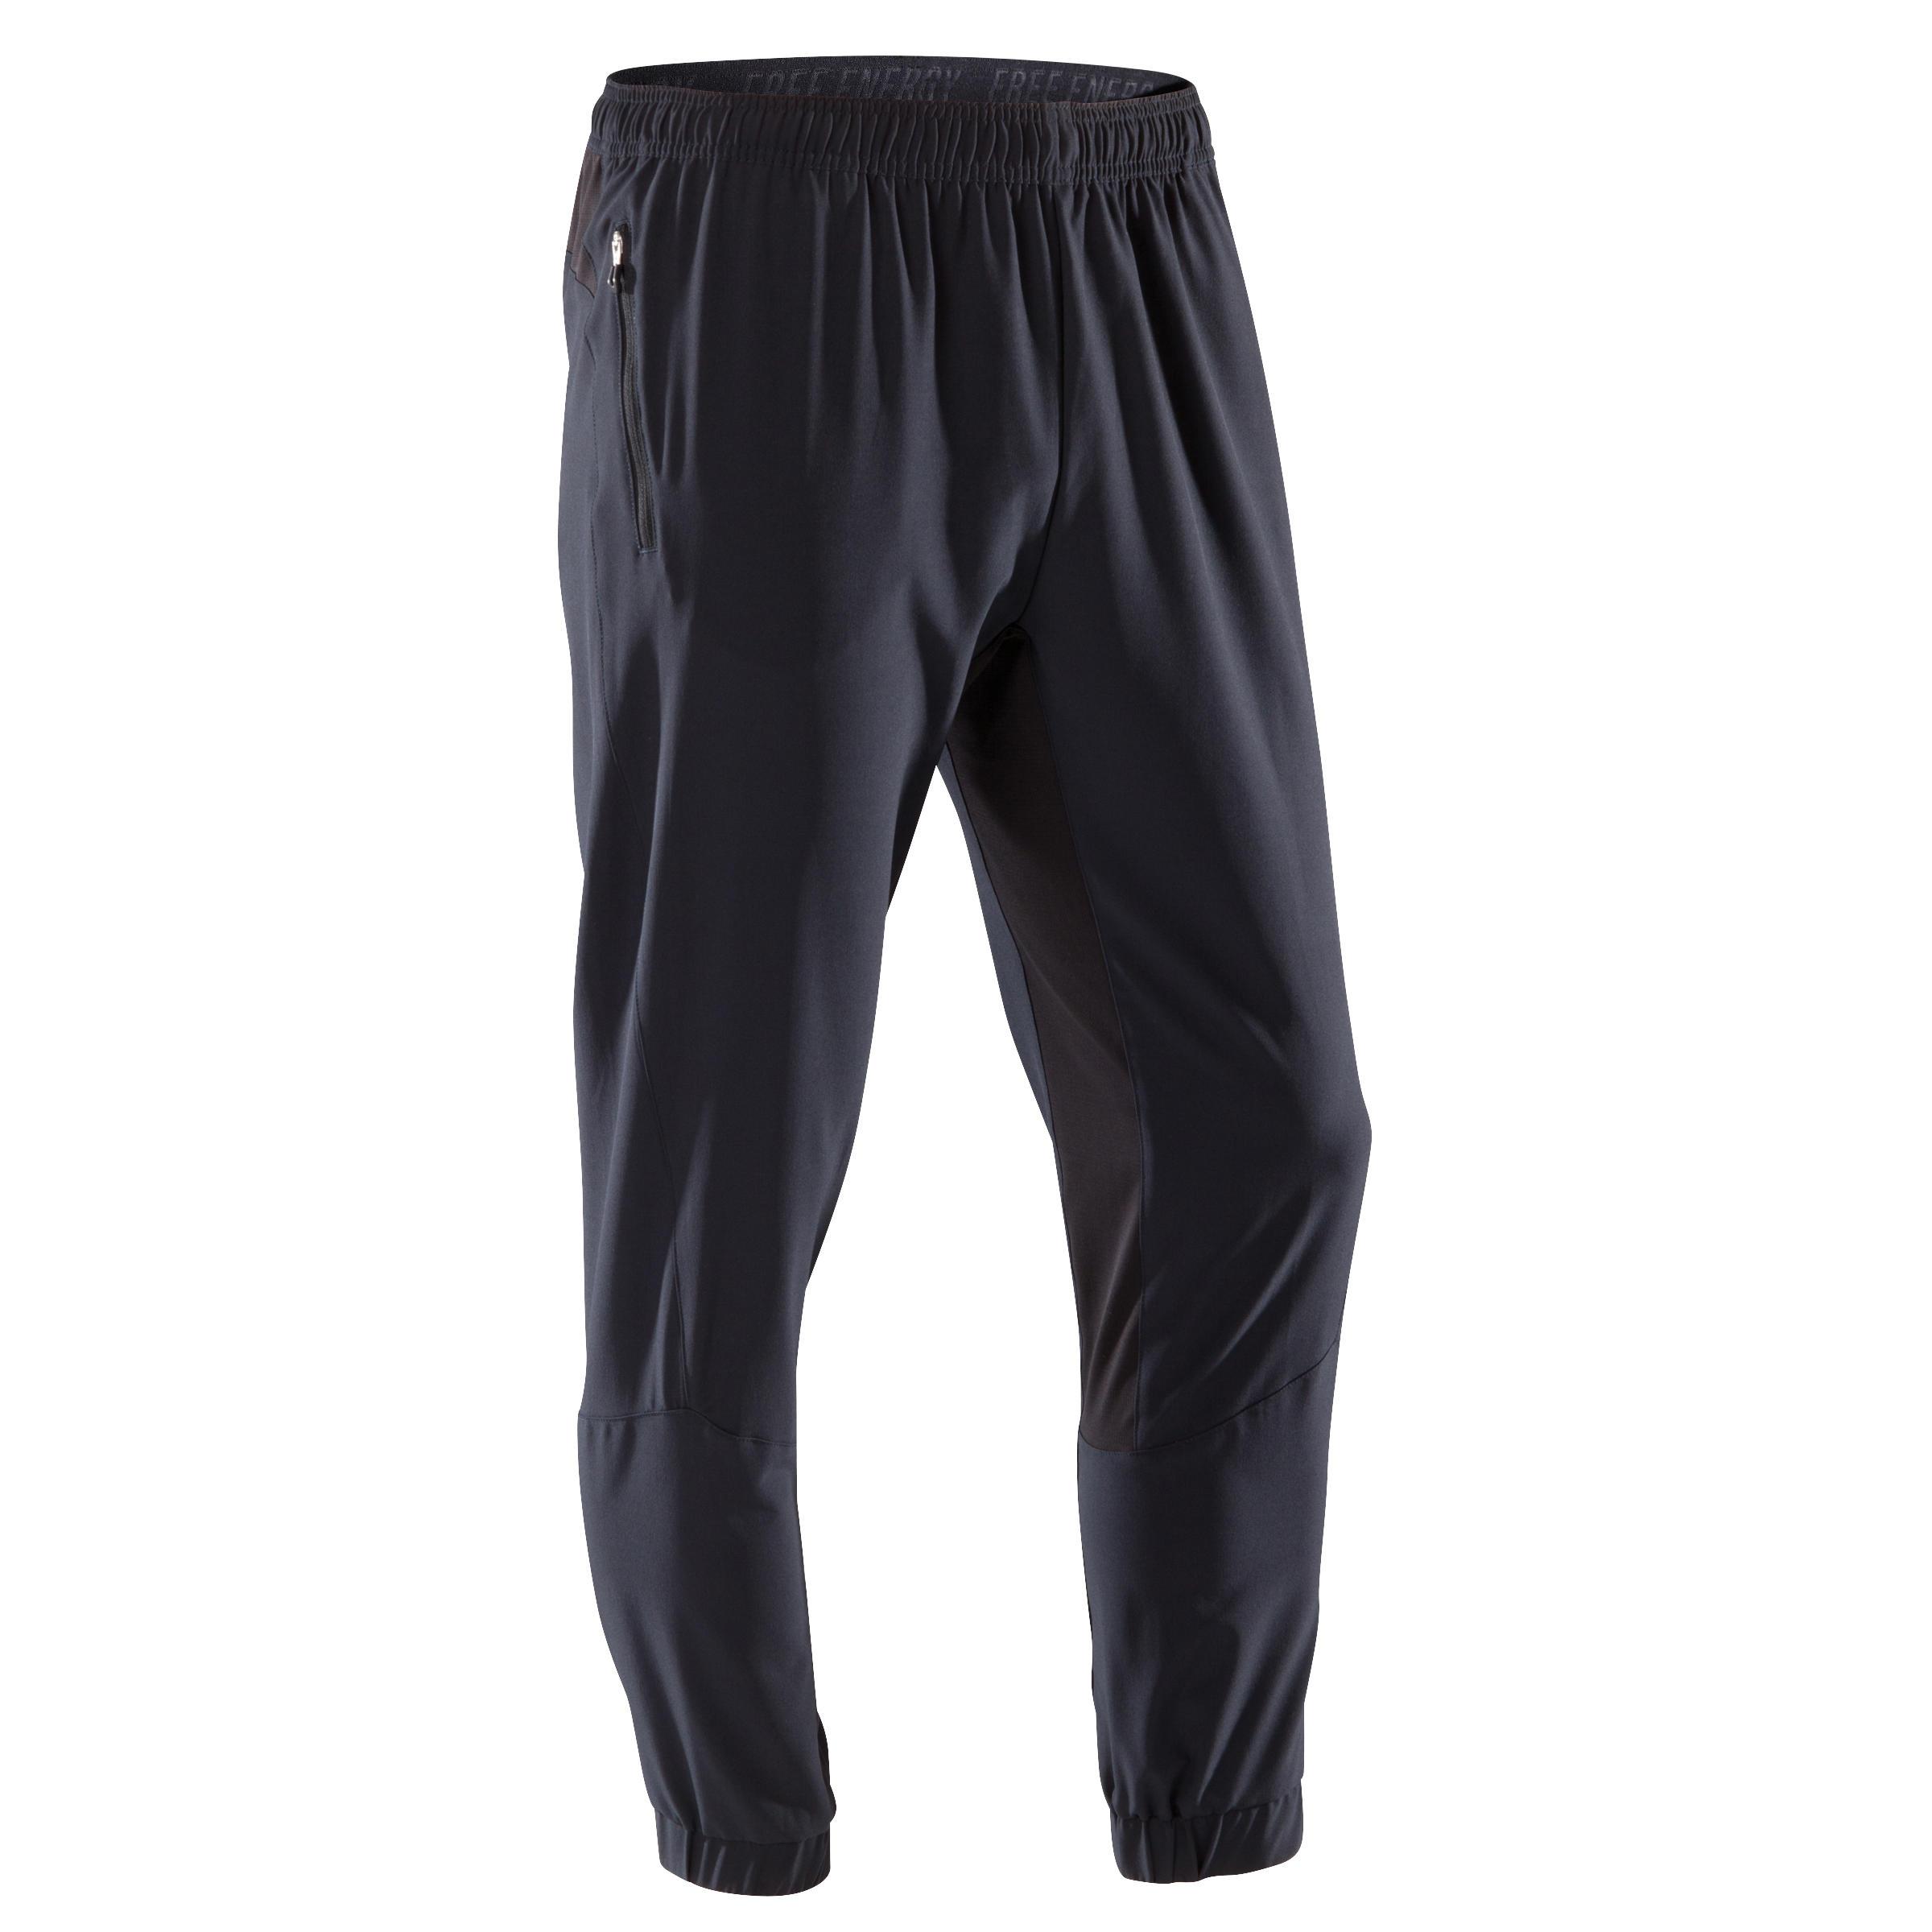 Domyos Fitness broek FPA500 voor heren, zwart